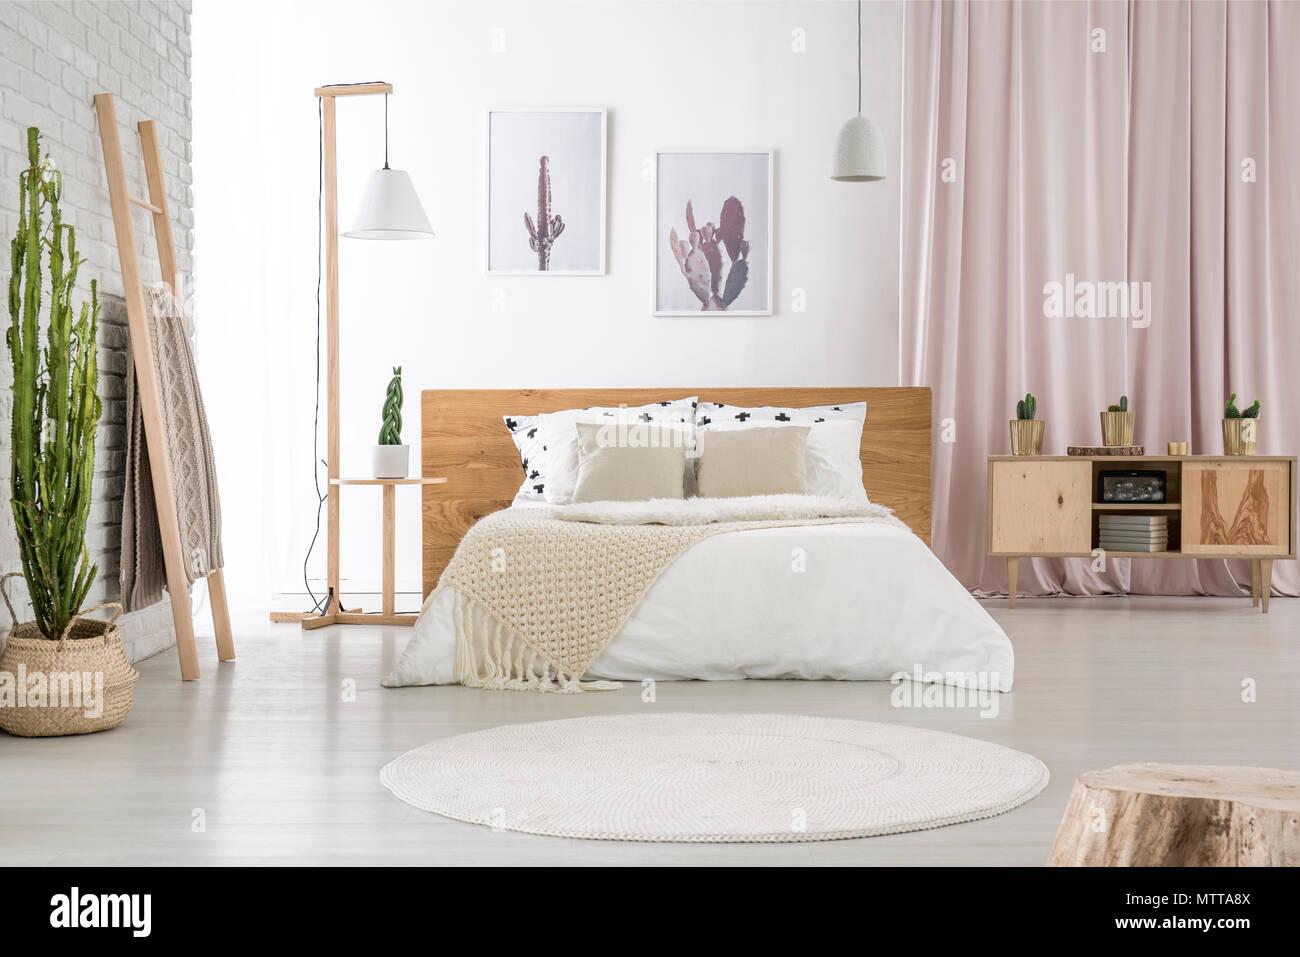 Parete Camera Da Letto Rosa : Due semplici poster appeso alla parete bianca in camera da letto